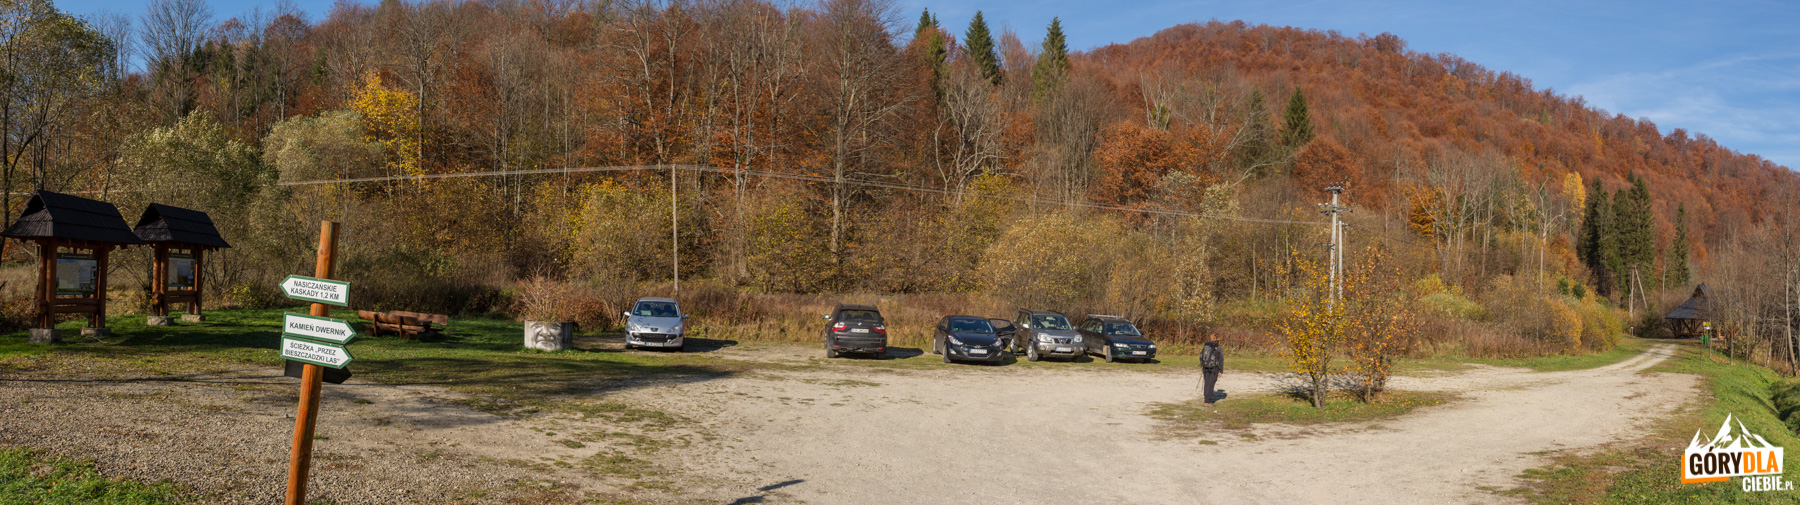 Nasiczne - parking (przy czerwonym szlaku naDwernik Kamień)